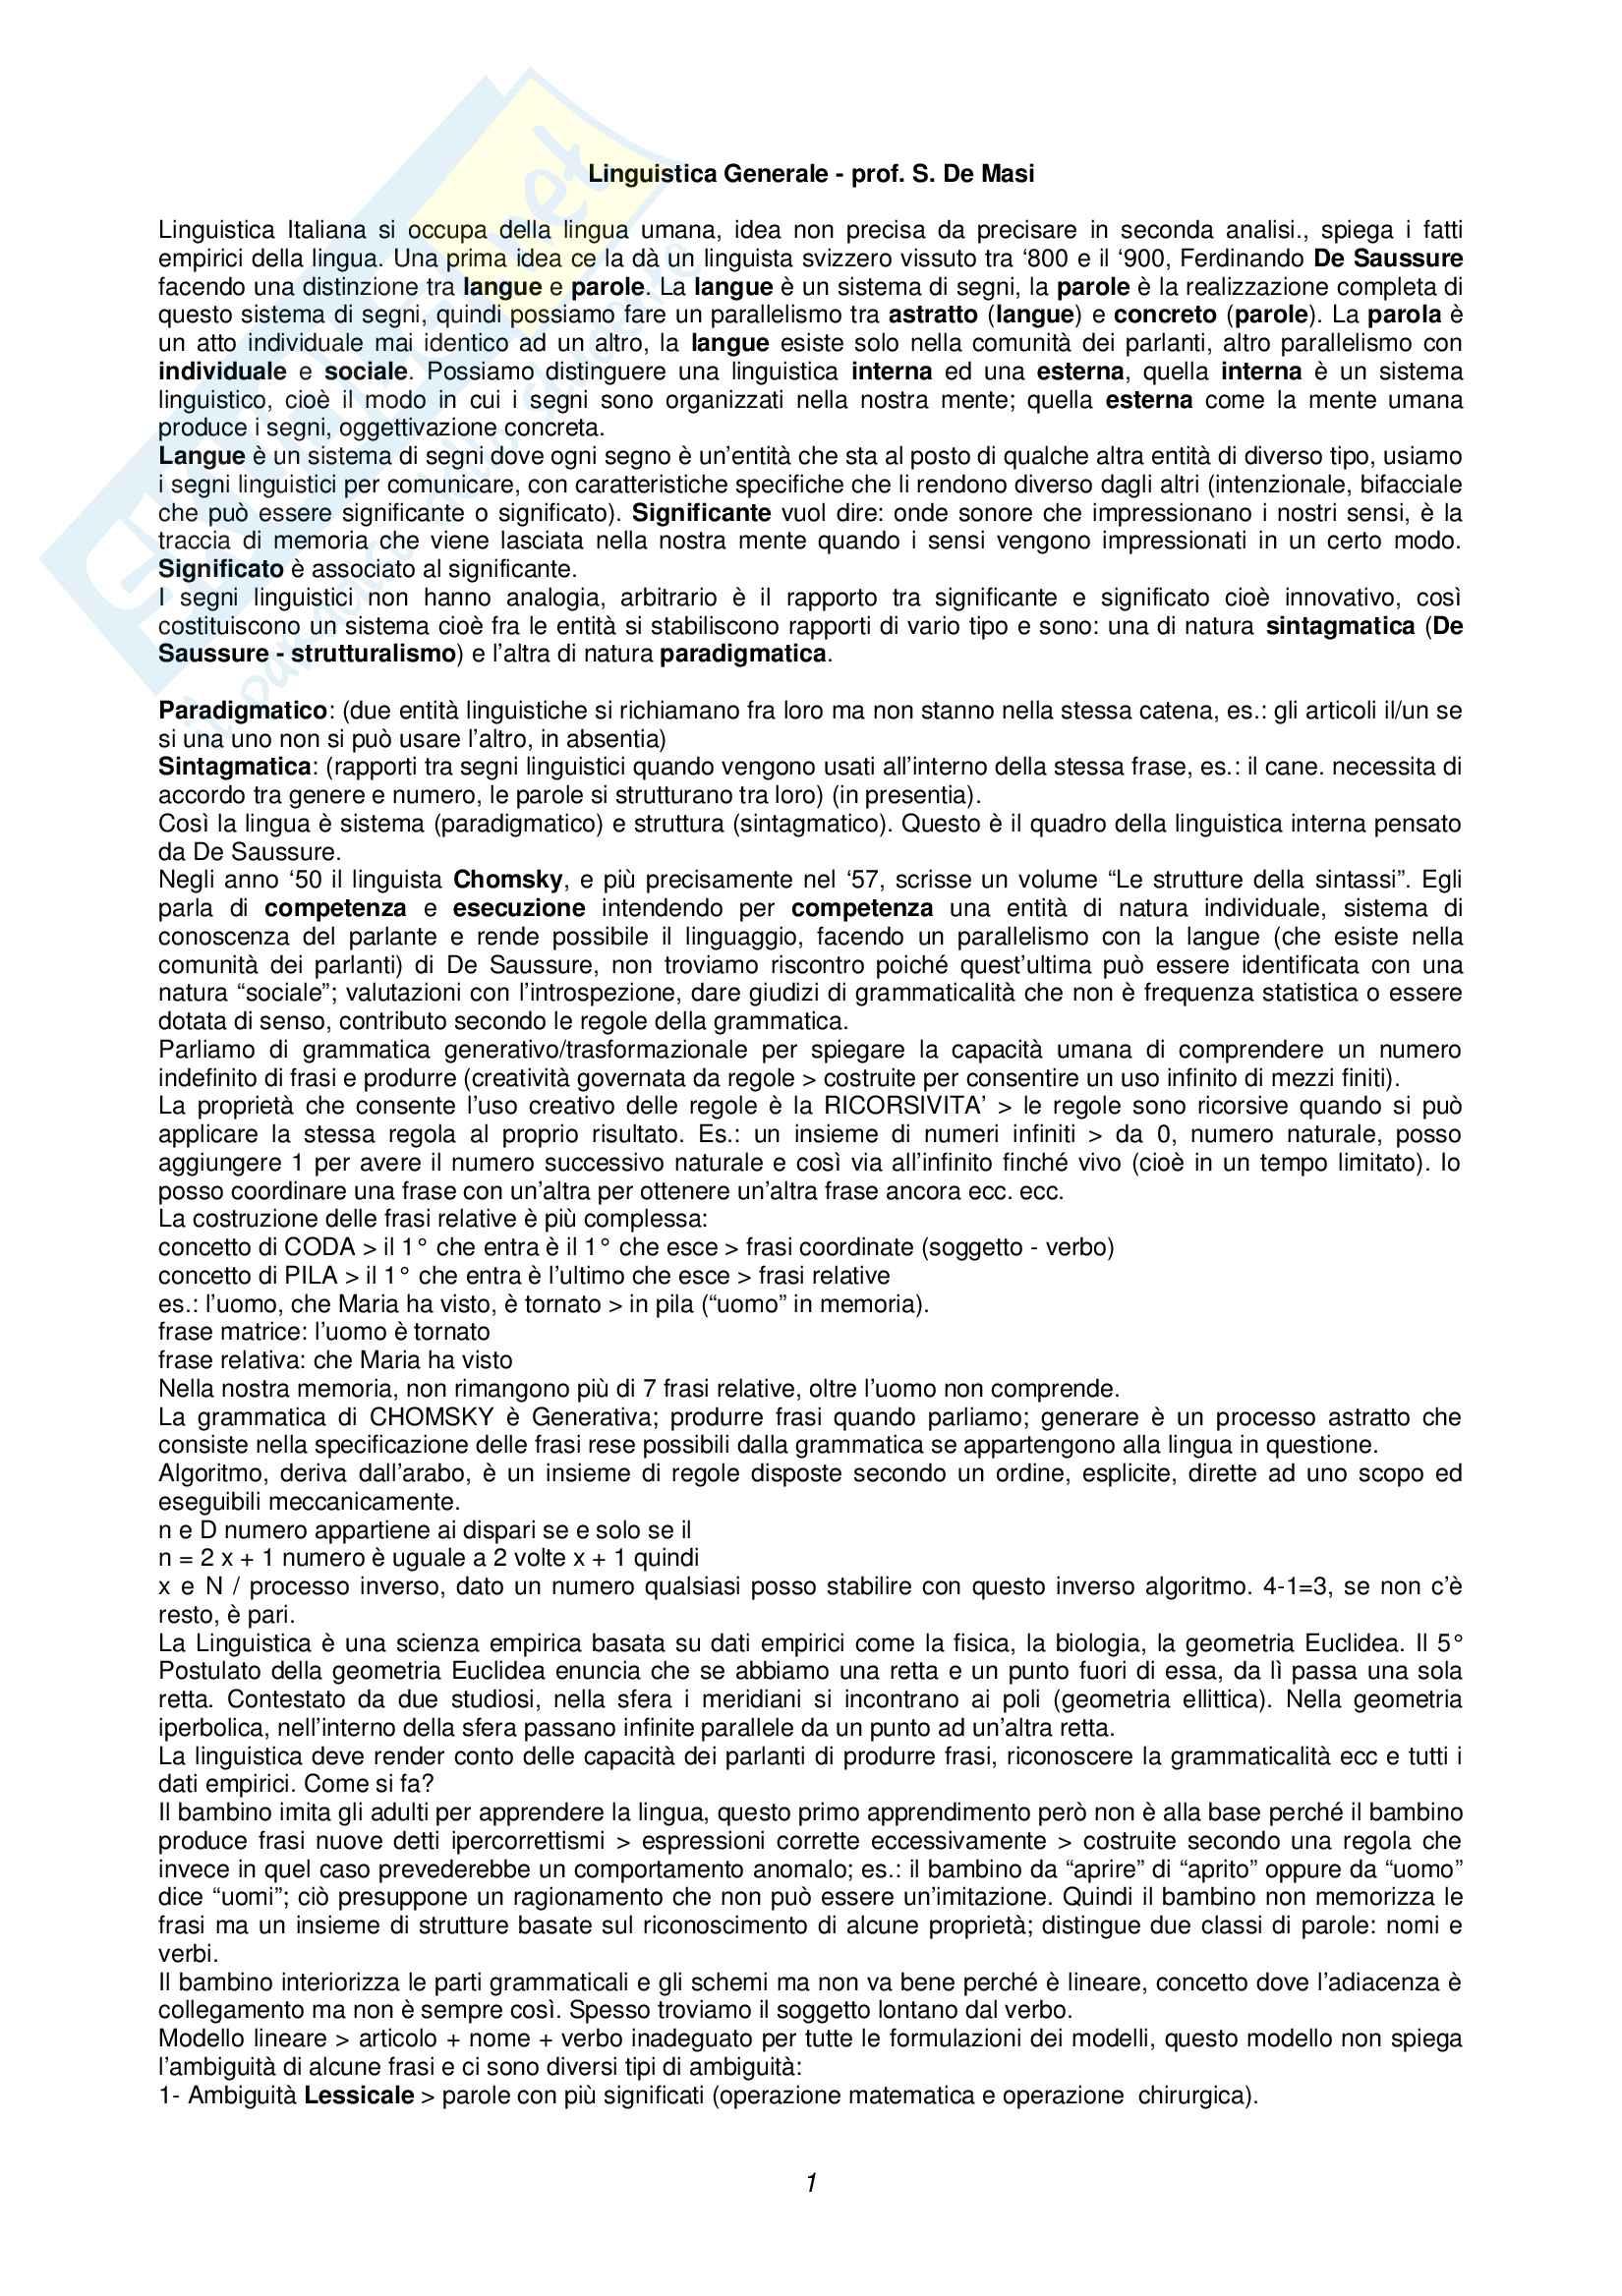 Appunti di Linguistica Generale (Parte 1)